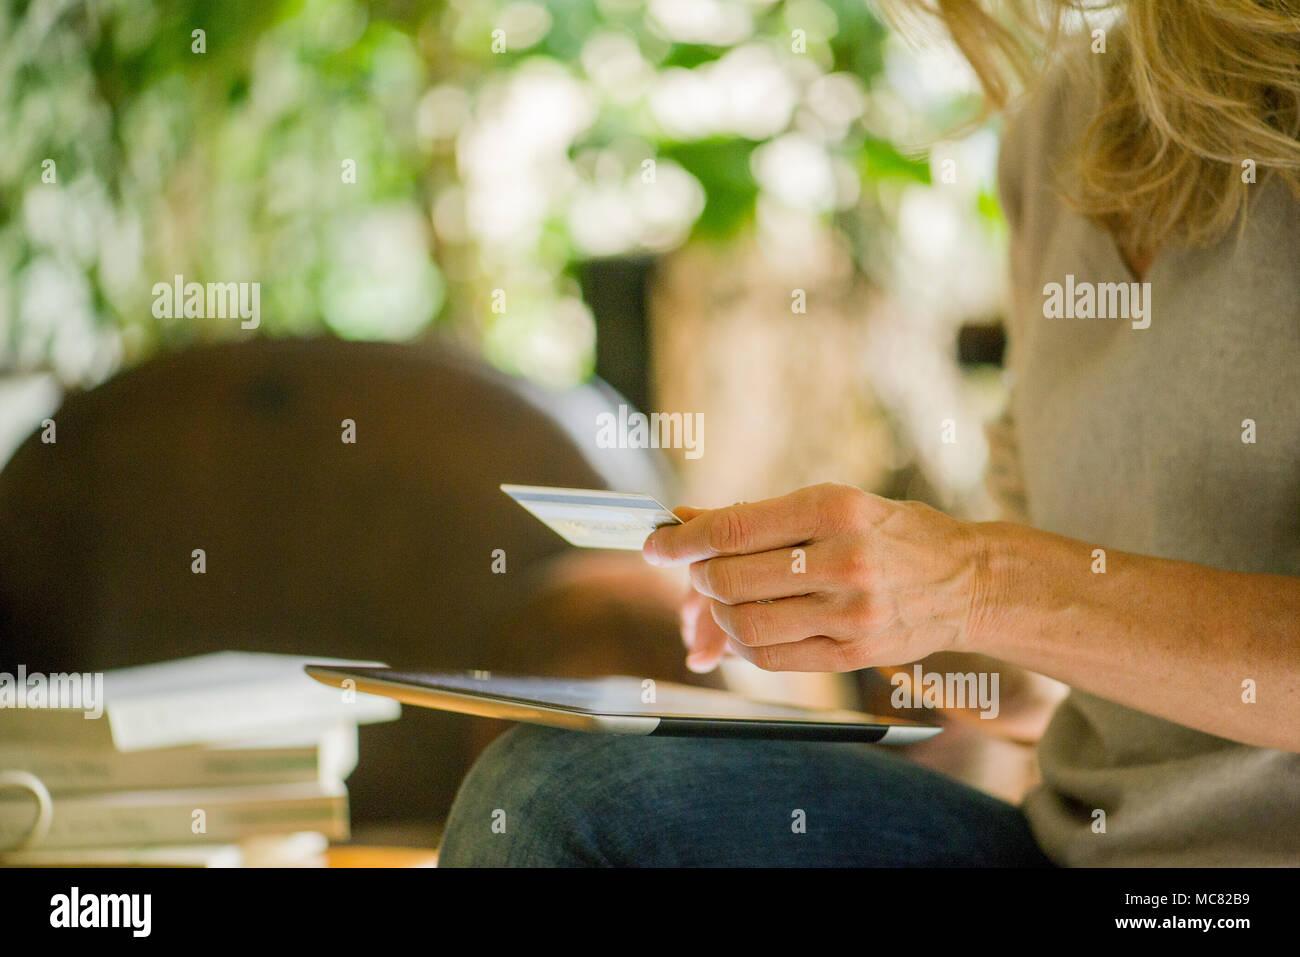 Donna con tavoletta digitale e una carta di credito, ritagliato Immagini Stock